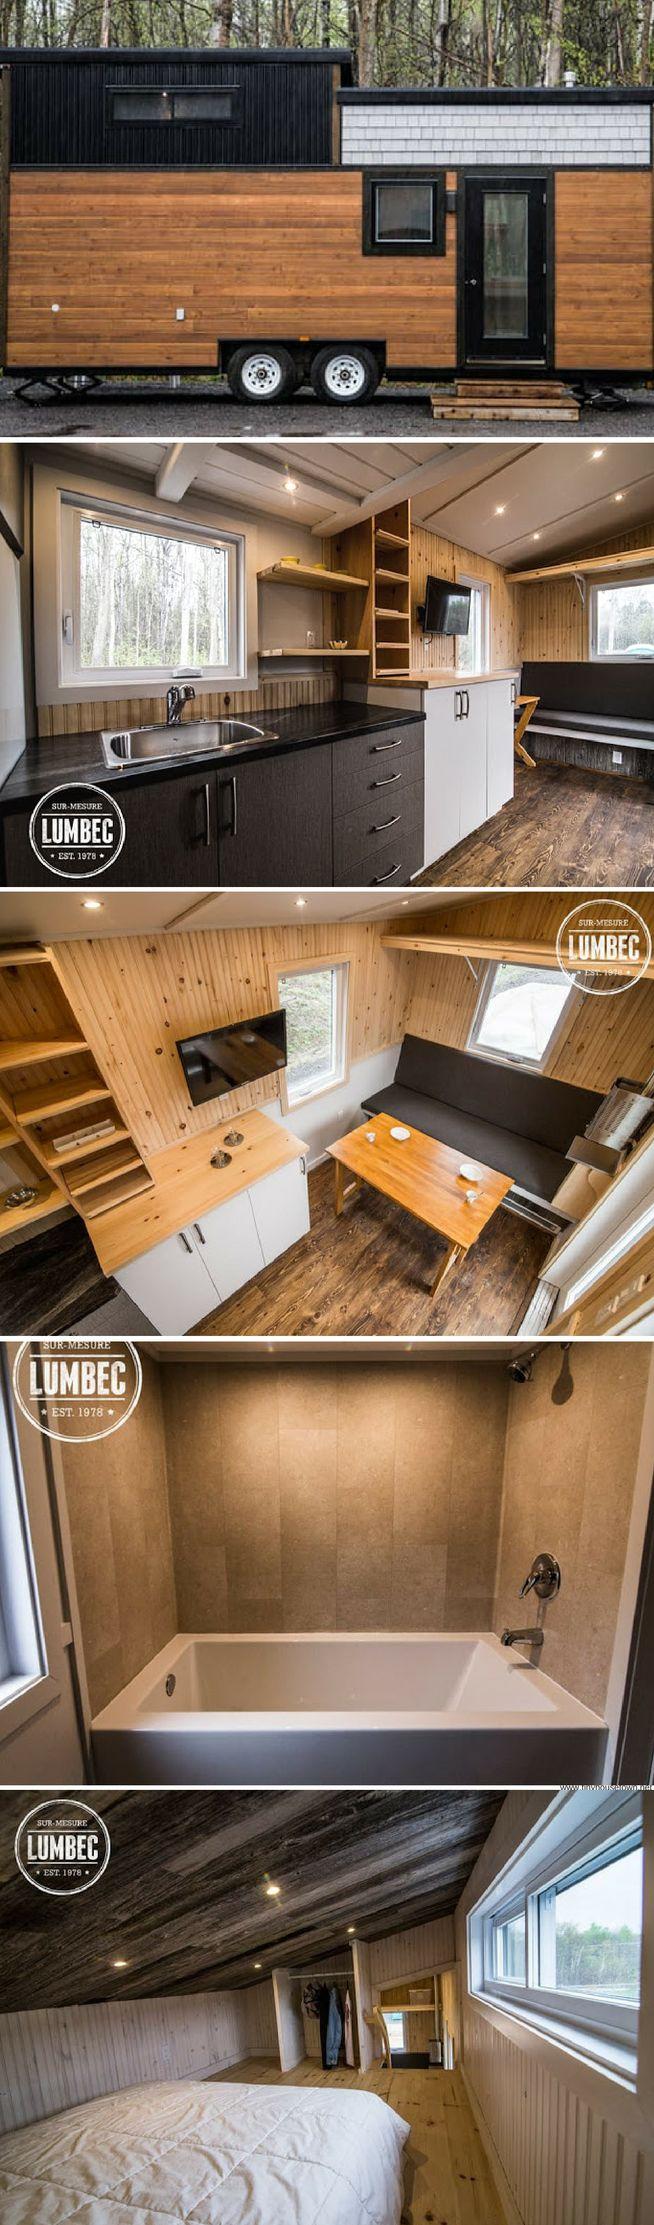 Die 200 besten Bilder zu tiny houses auf Pinterest   Hütten ...